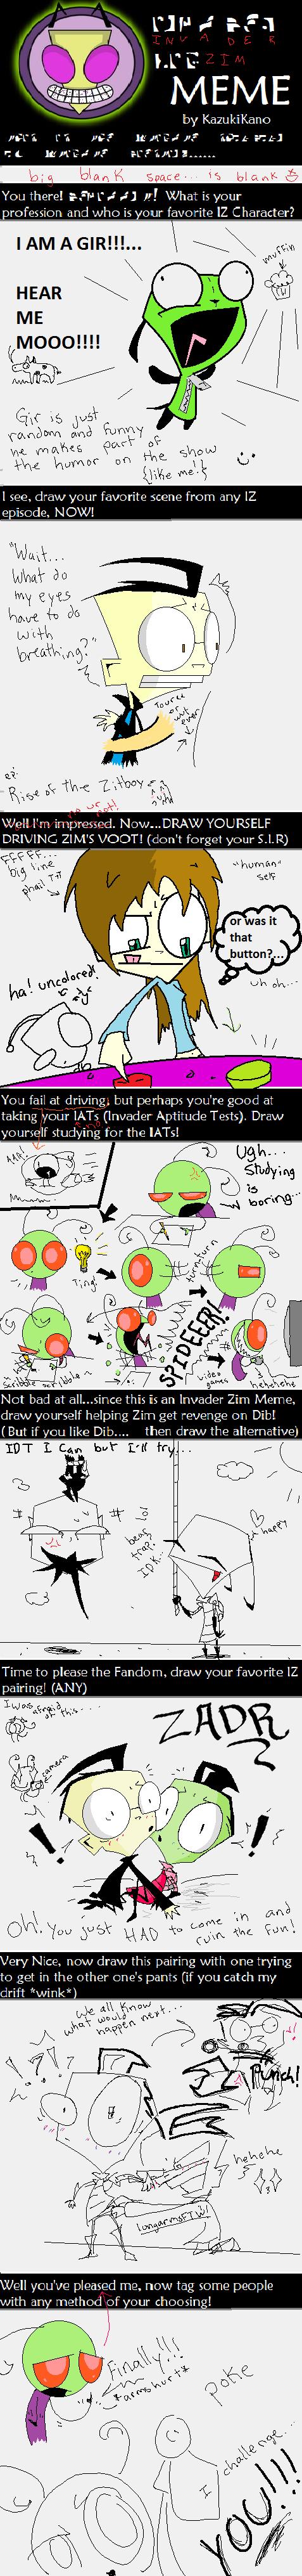 Invader Zim Meme By Yoyoballkay